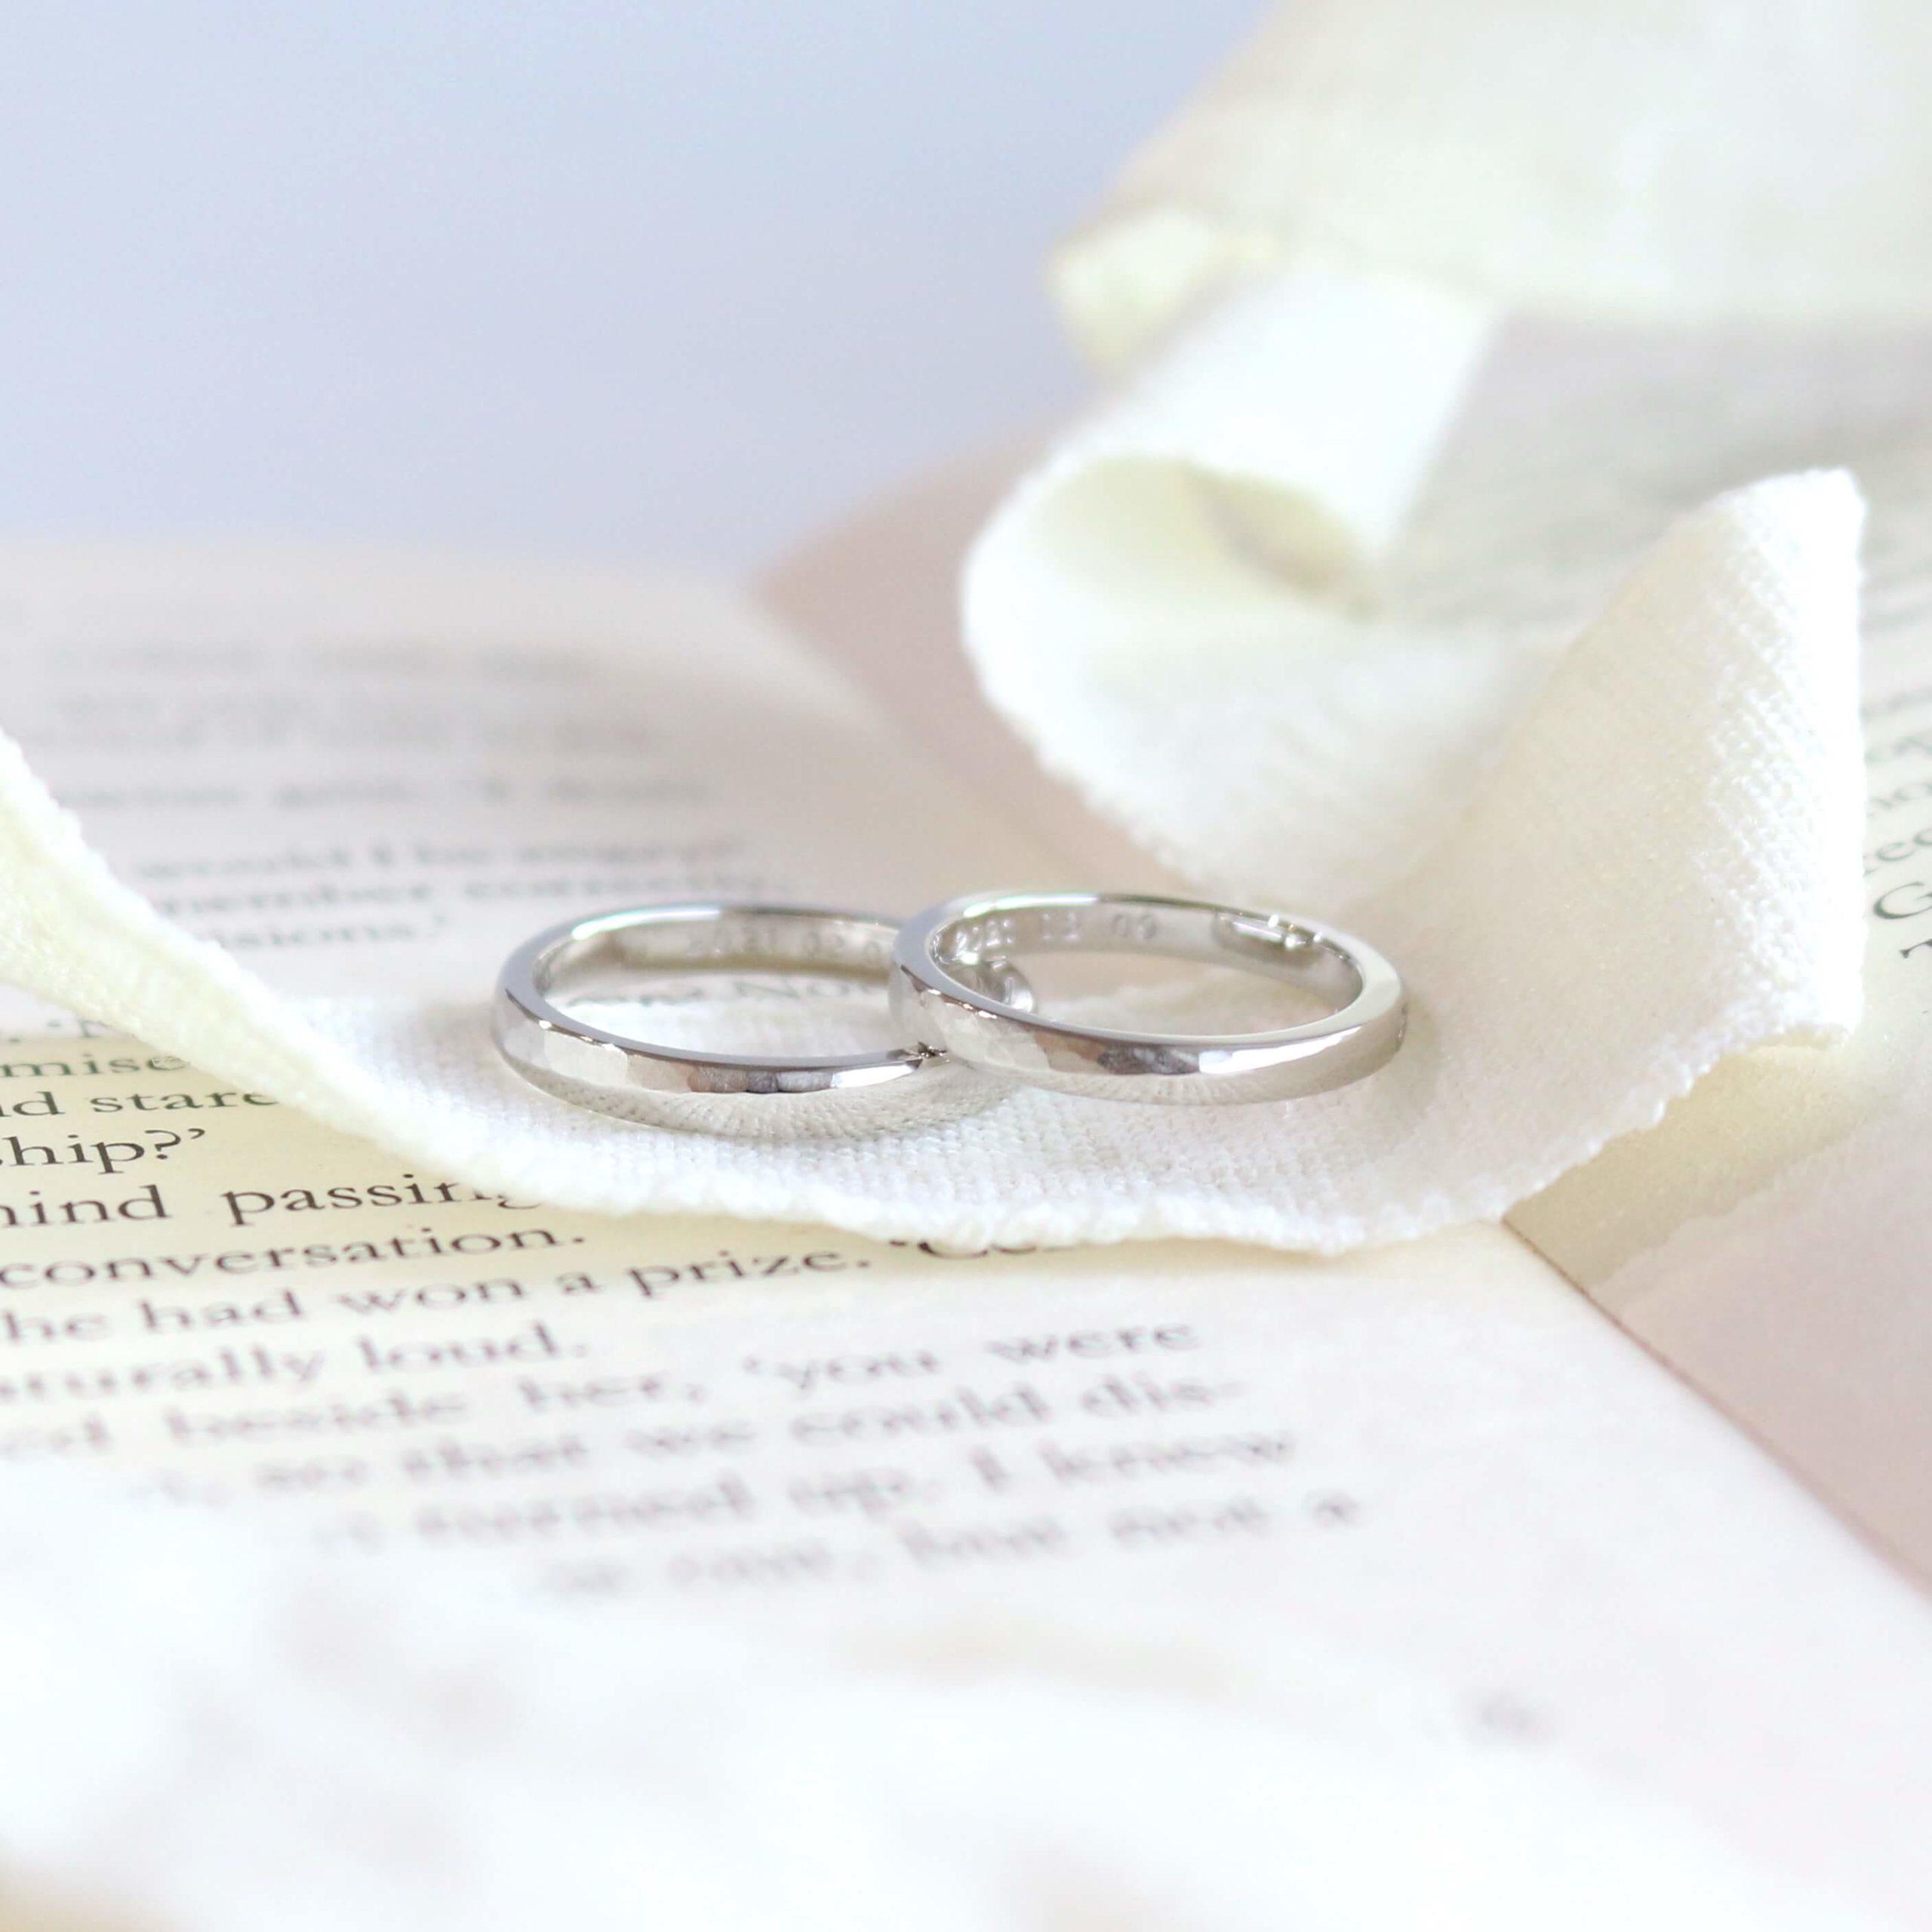 半剣腕に鎚目を施した結婚指輪